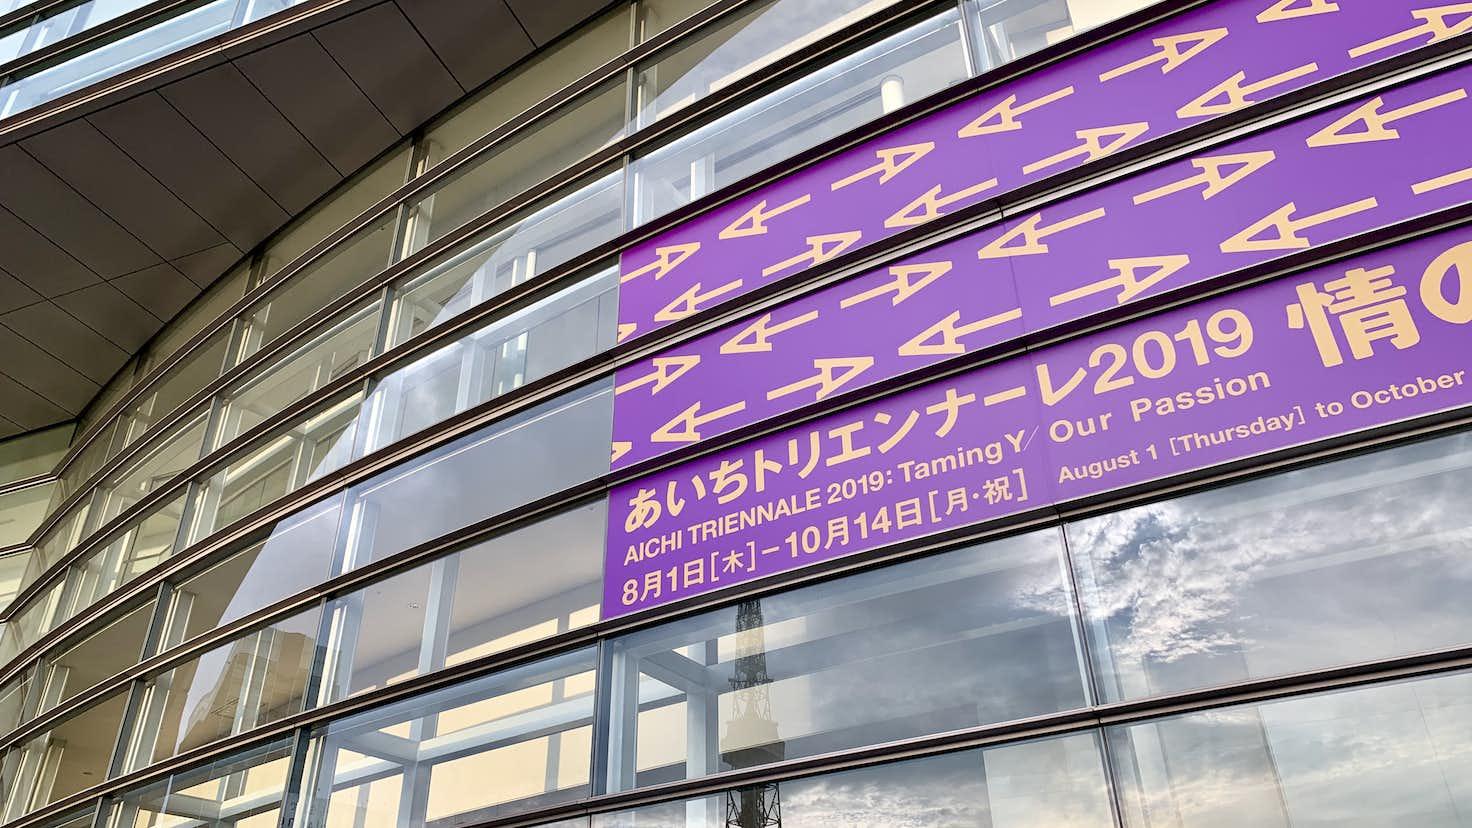 トリエンナーレ 名古屋